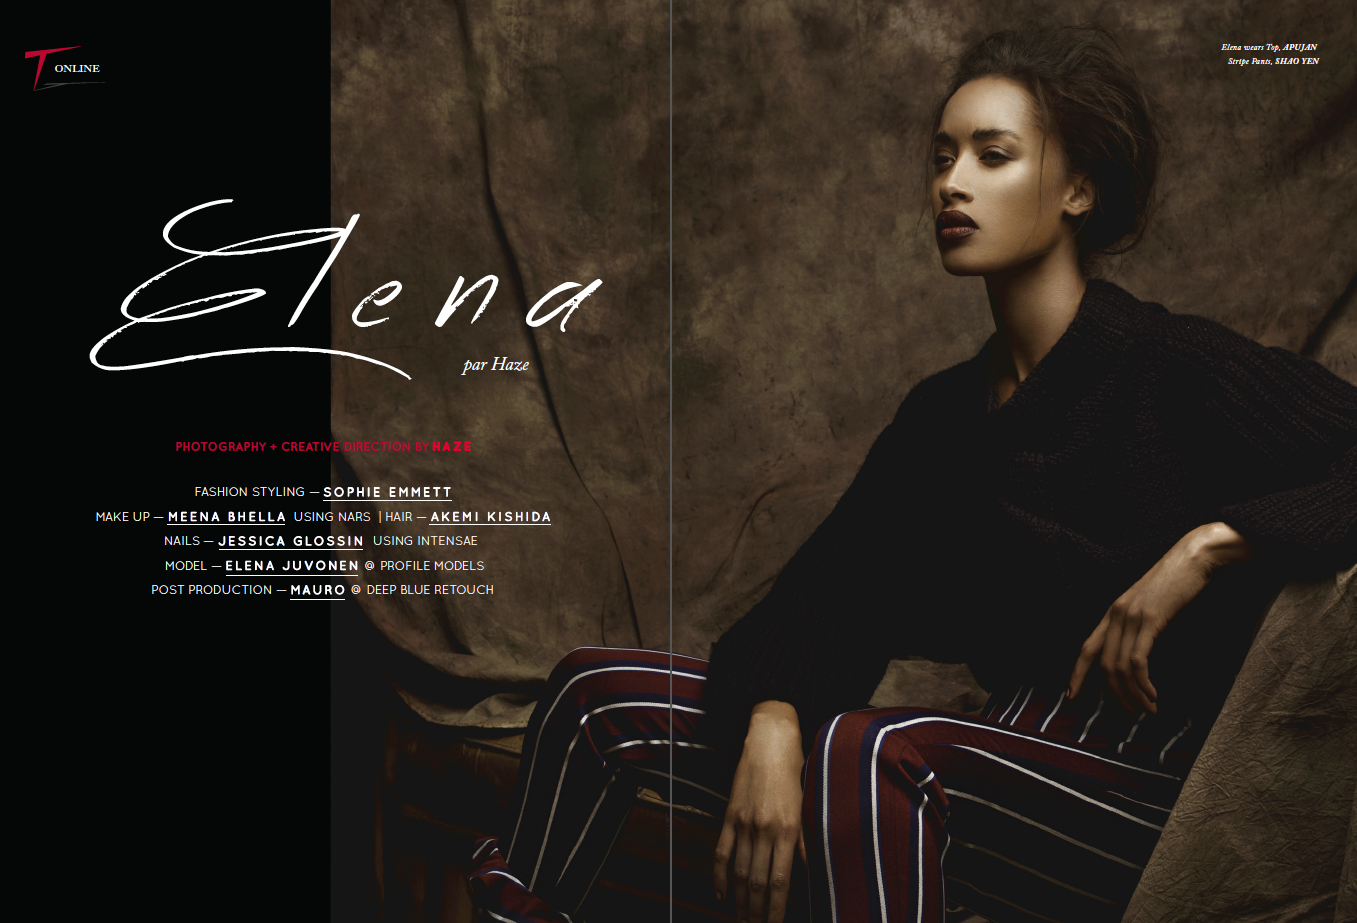 ELENA+by+Haze.jpg